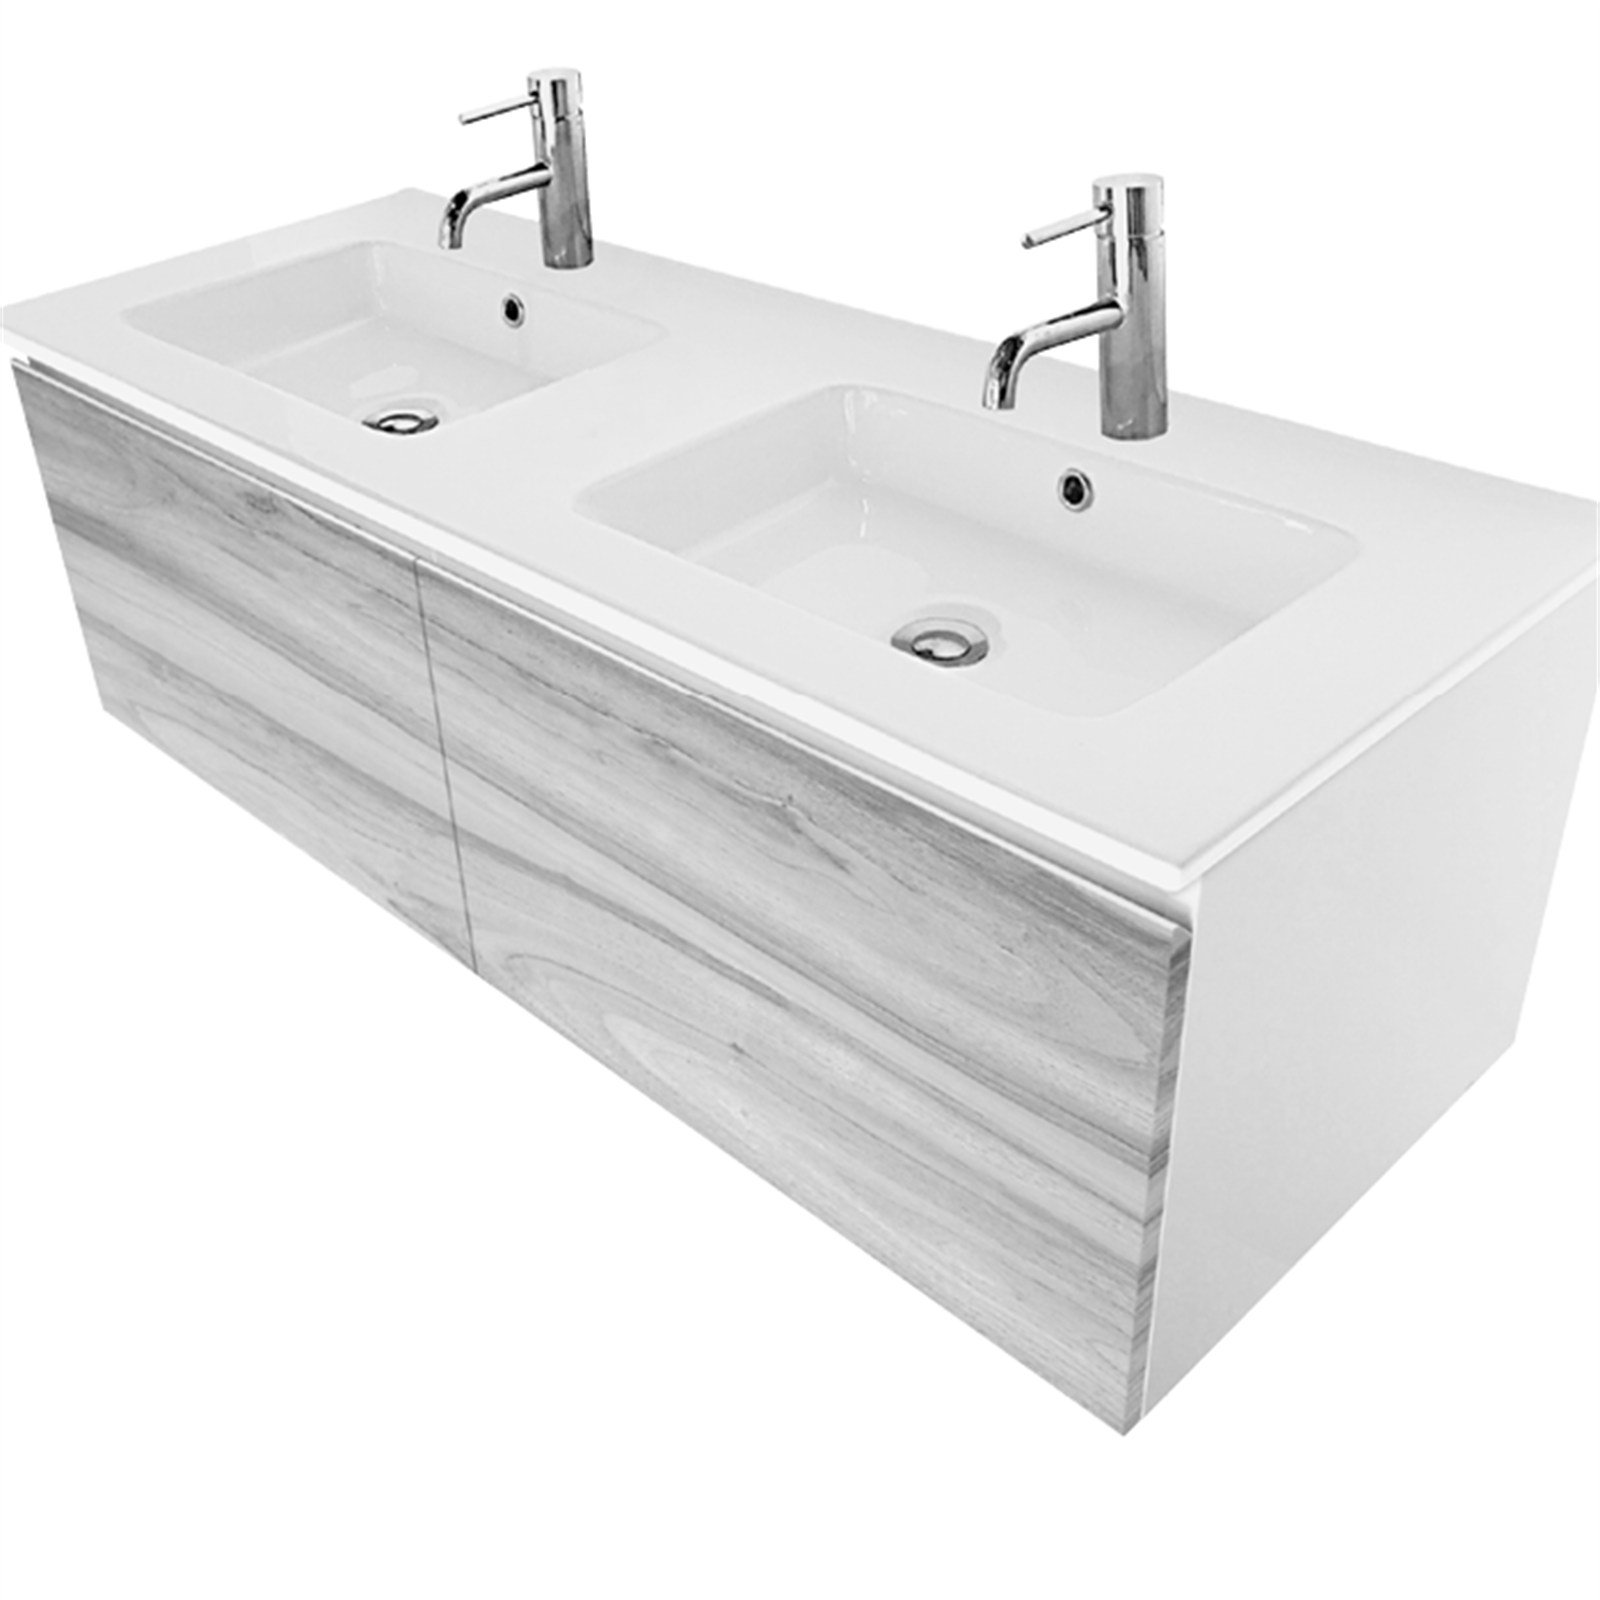 Cibo Design 1200mm Cafe Oak Revive Double Basin Vanity   Basin ...